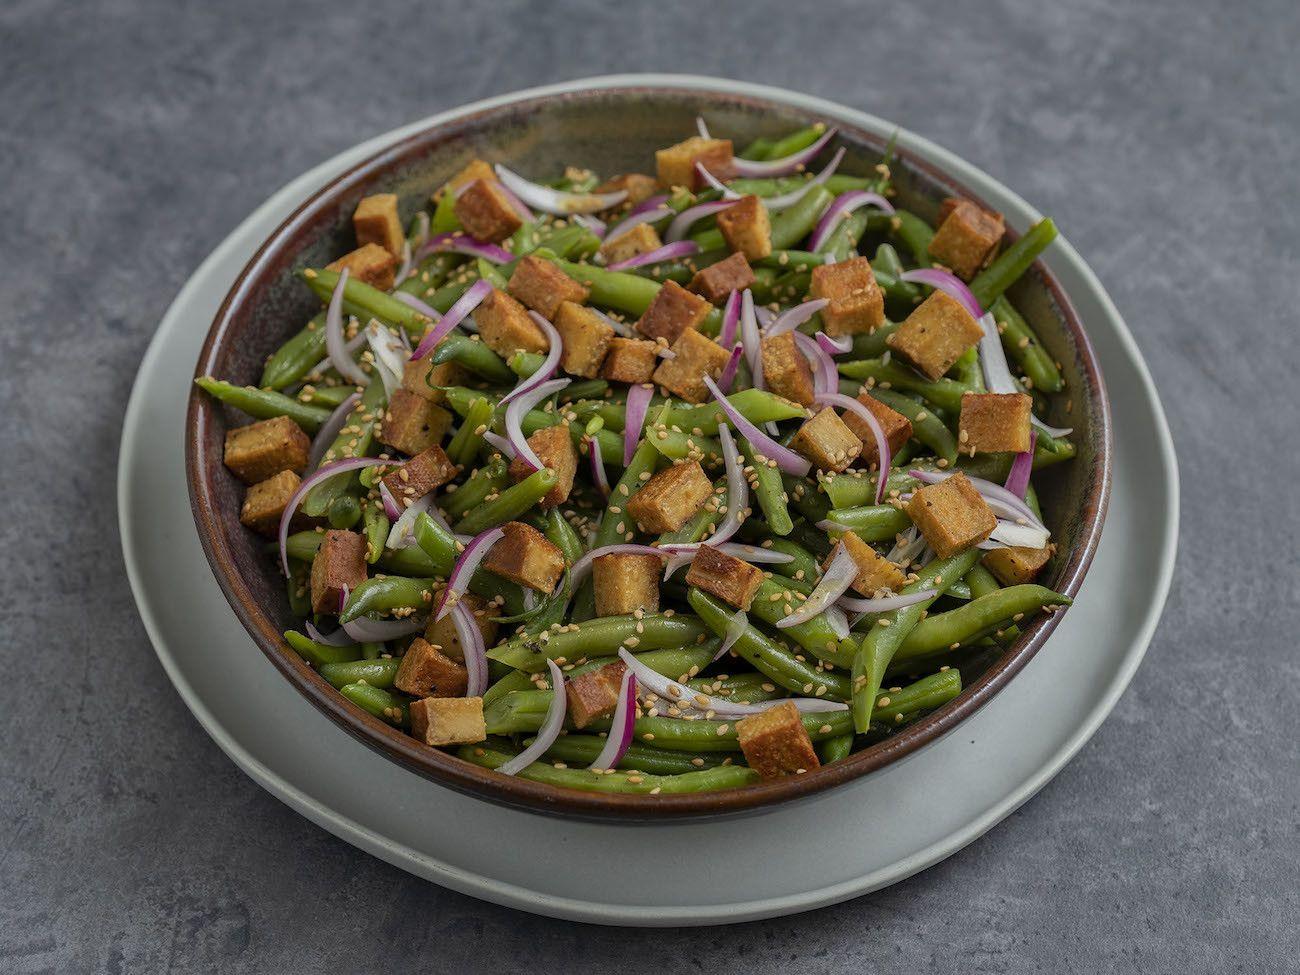 Foodblog, About Fuel, Rezept, Stangenbohnensalat mit geräuchertem Tofu, Sesam und roten Zwiebeln, Vegan, Teller, Sesam